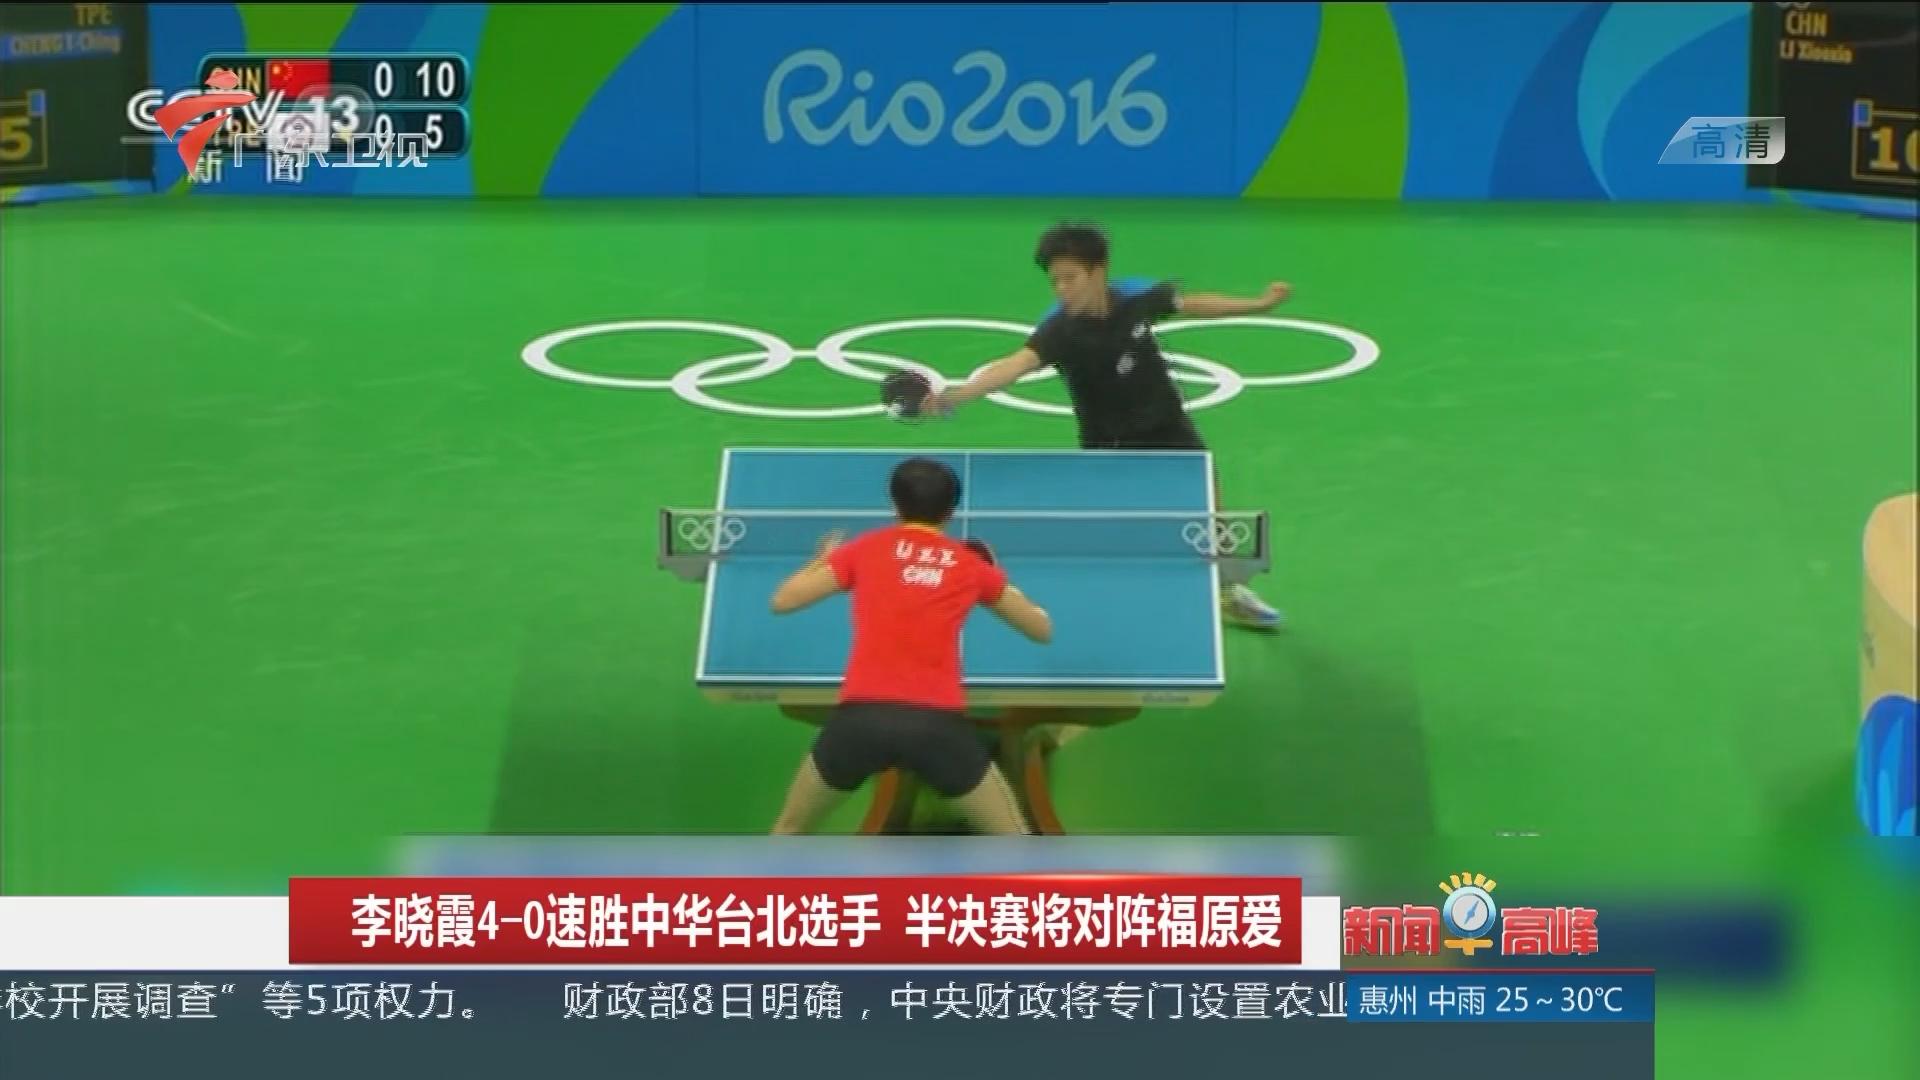 李晓霞4—0速胜中华台北选手 半决赛将对阵福原爱